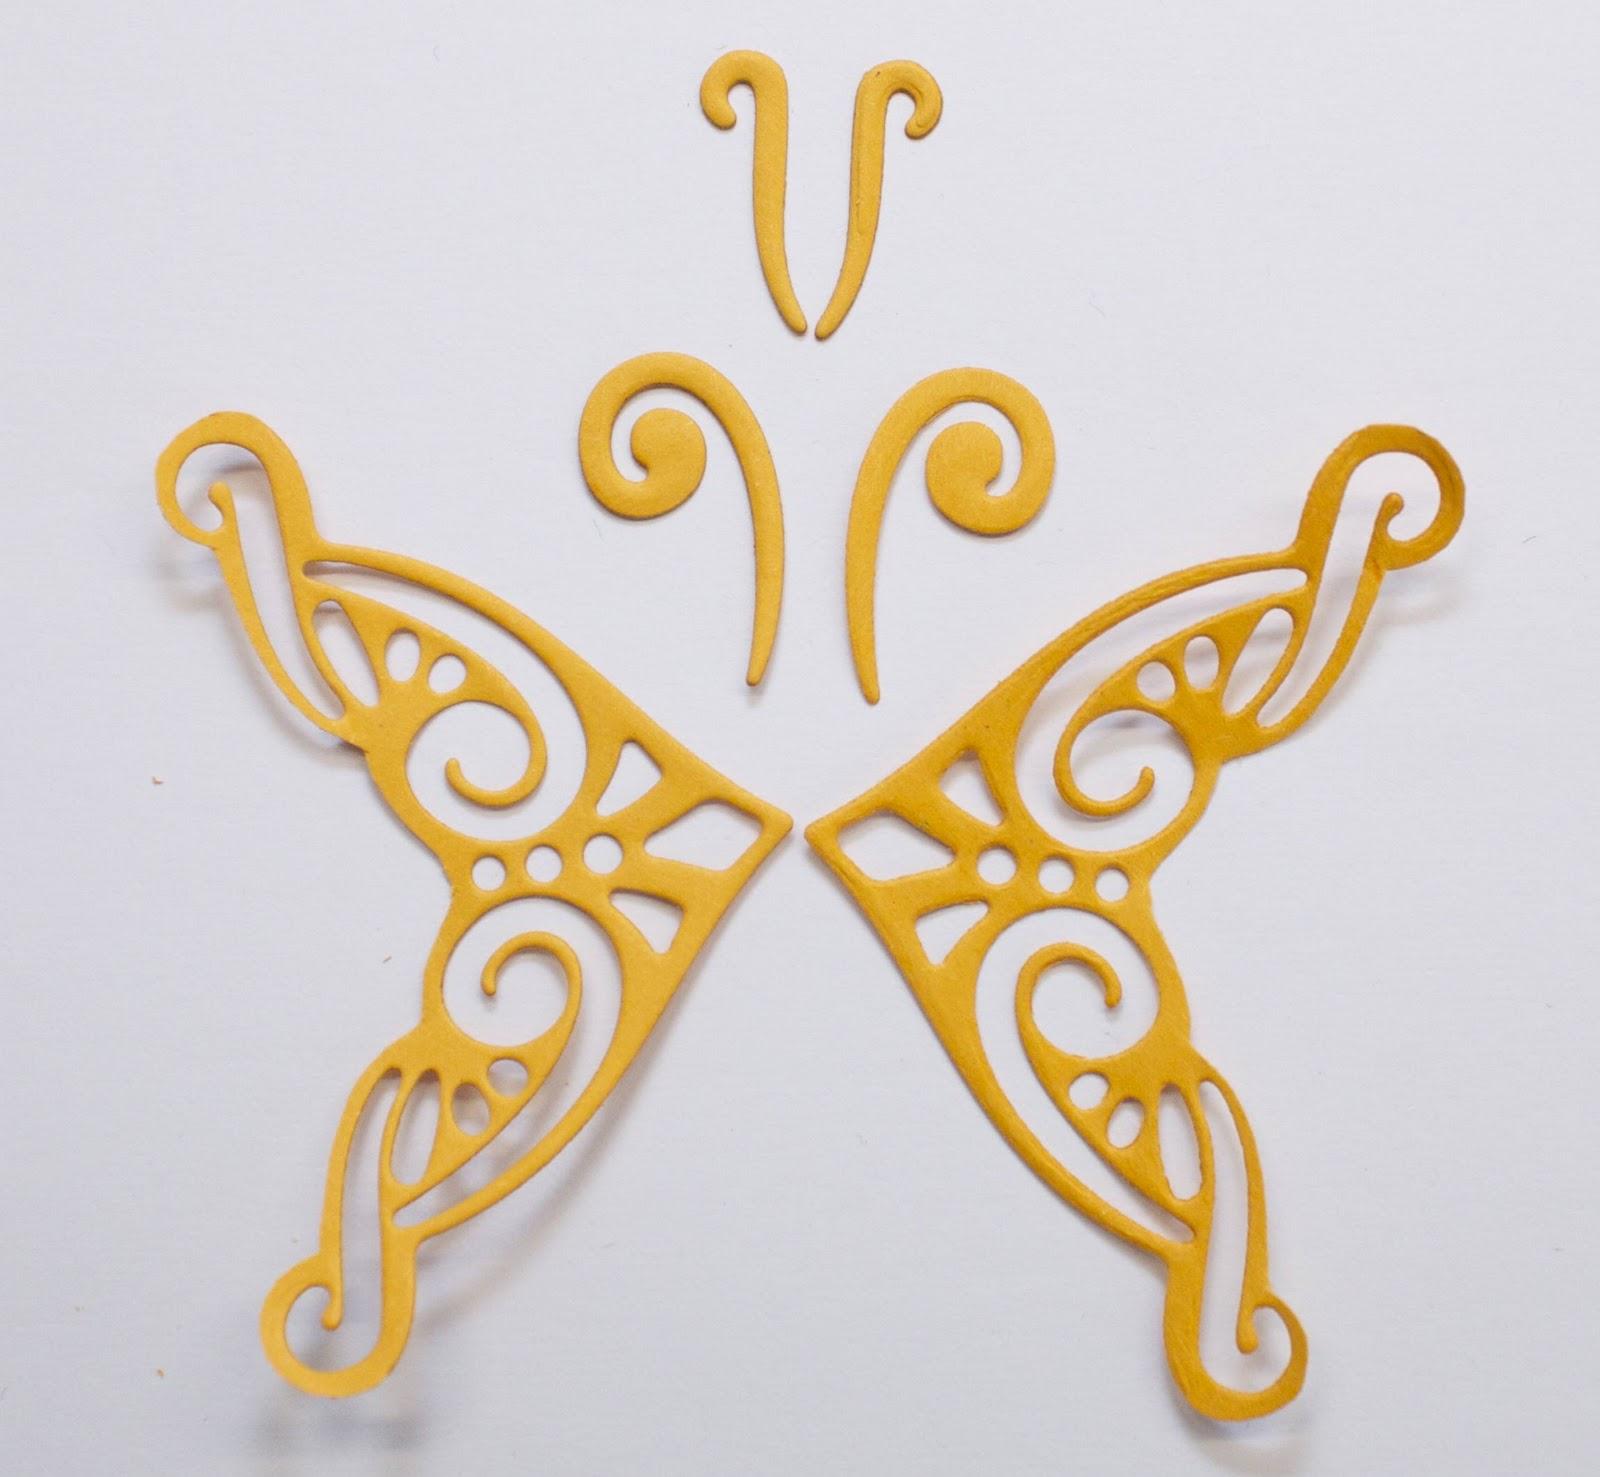 http://3.bp.blogspot.com/-HHN-yNI2rYk/TZxNYYsfUNI/AAAAAAAABd8/PemvNBwUhso/s1600/Butterfly+tutorial+Loriete+4.jpg